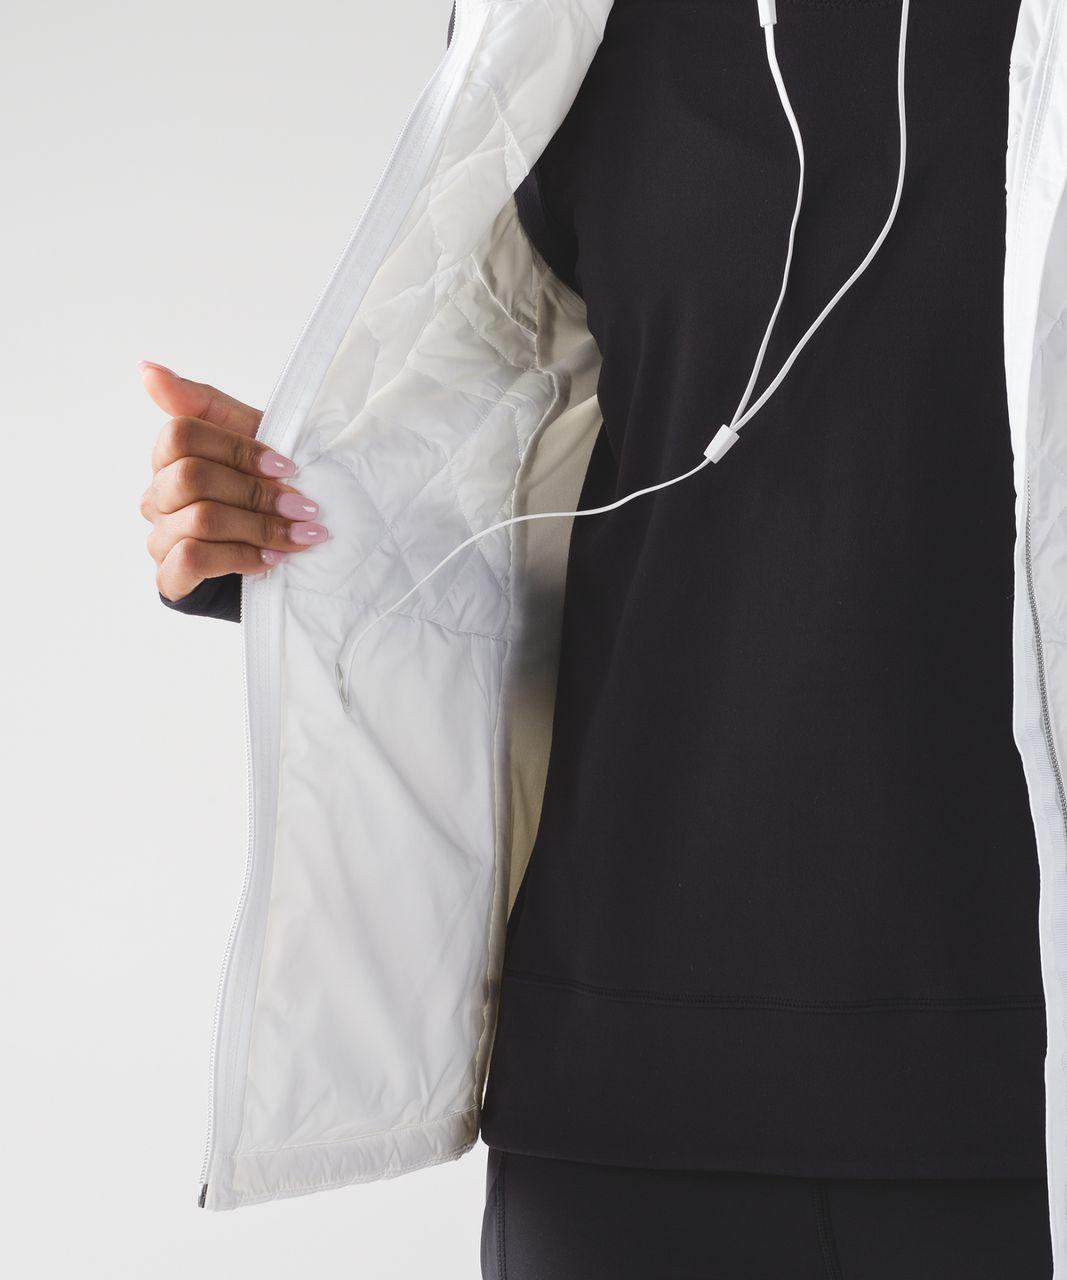 Lululemon Down For A Run Vest - White